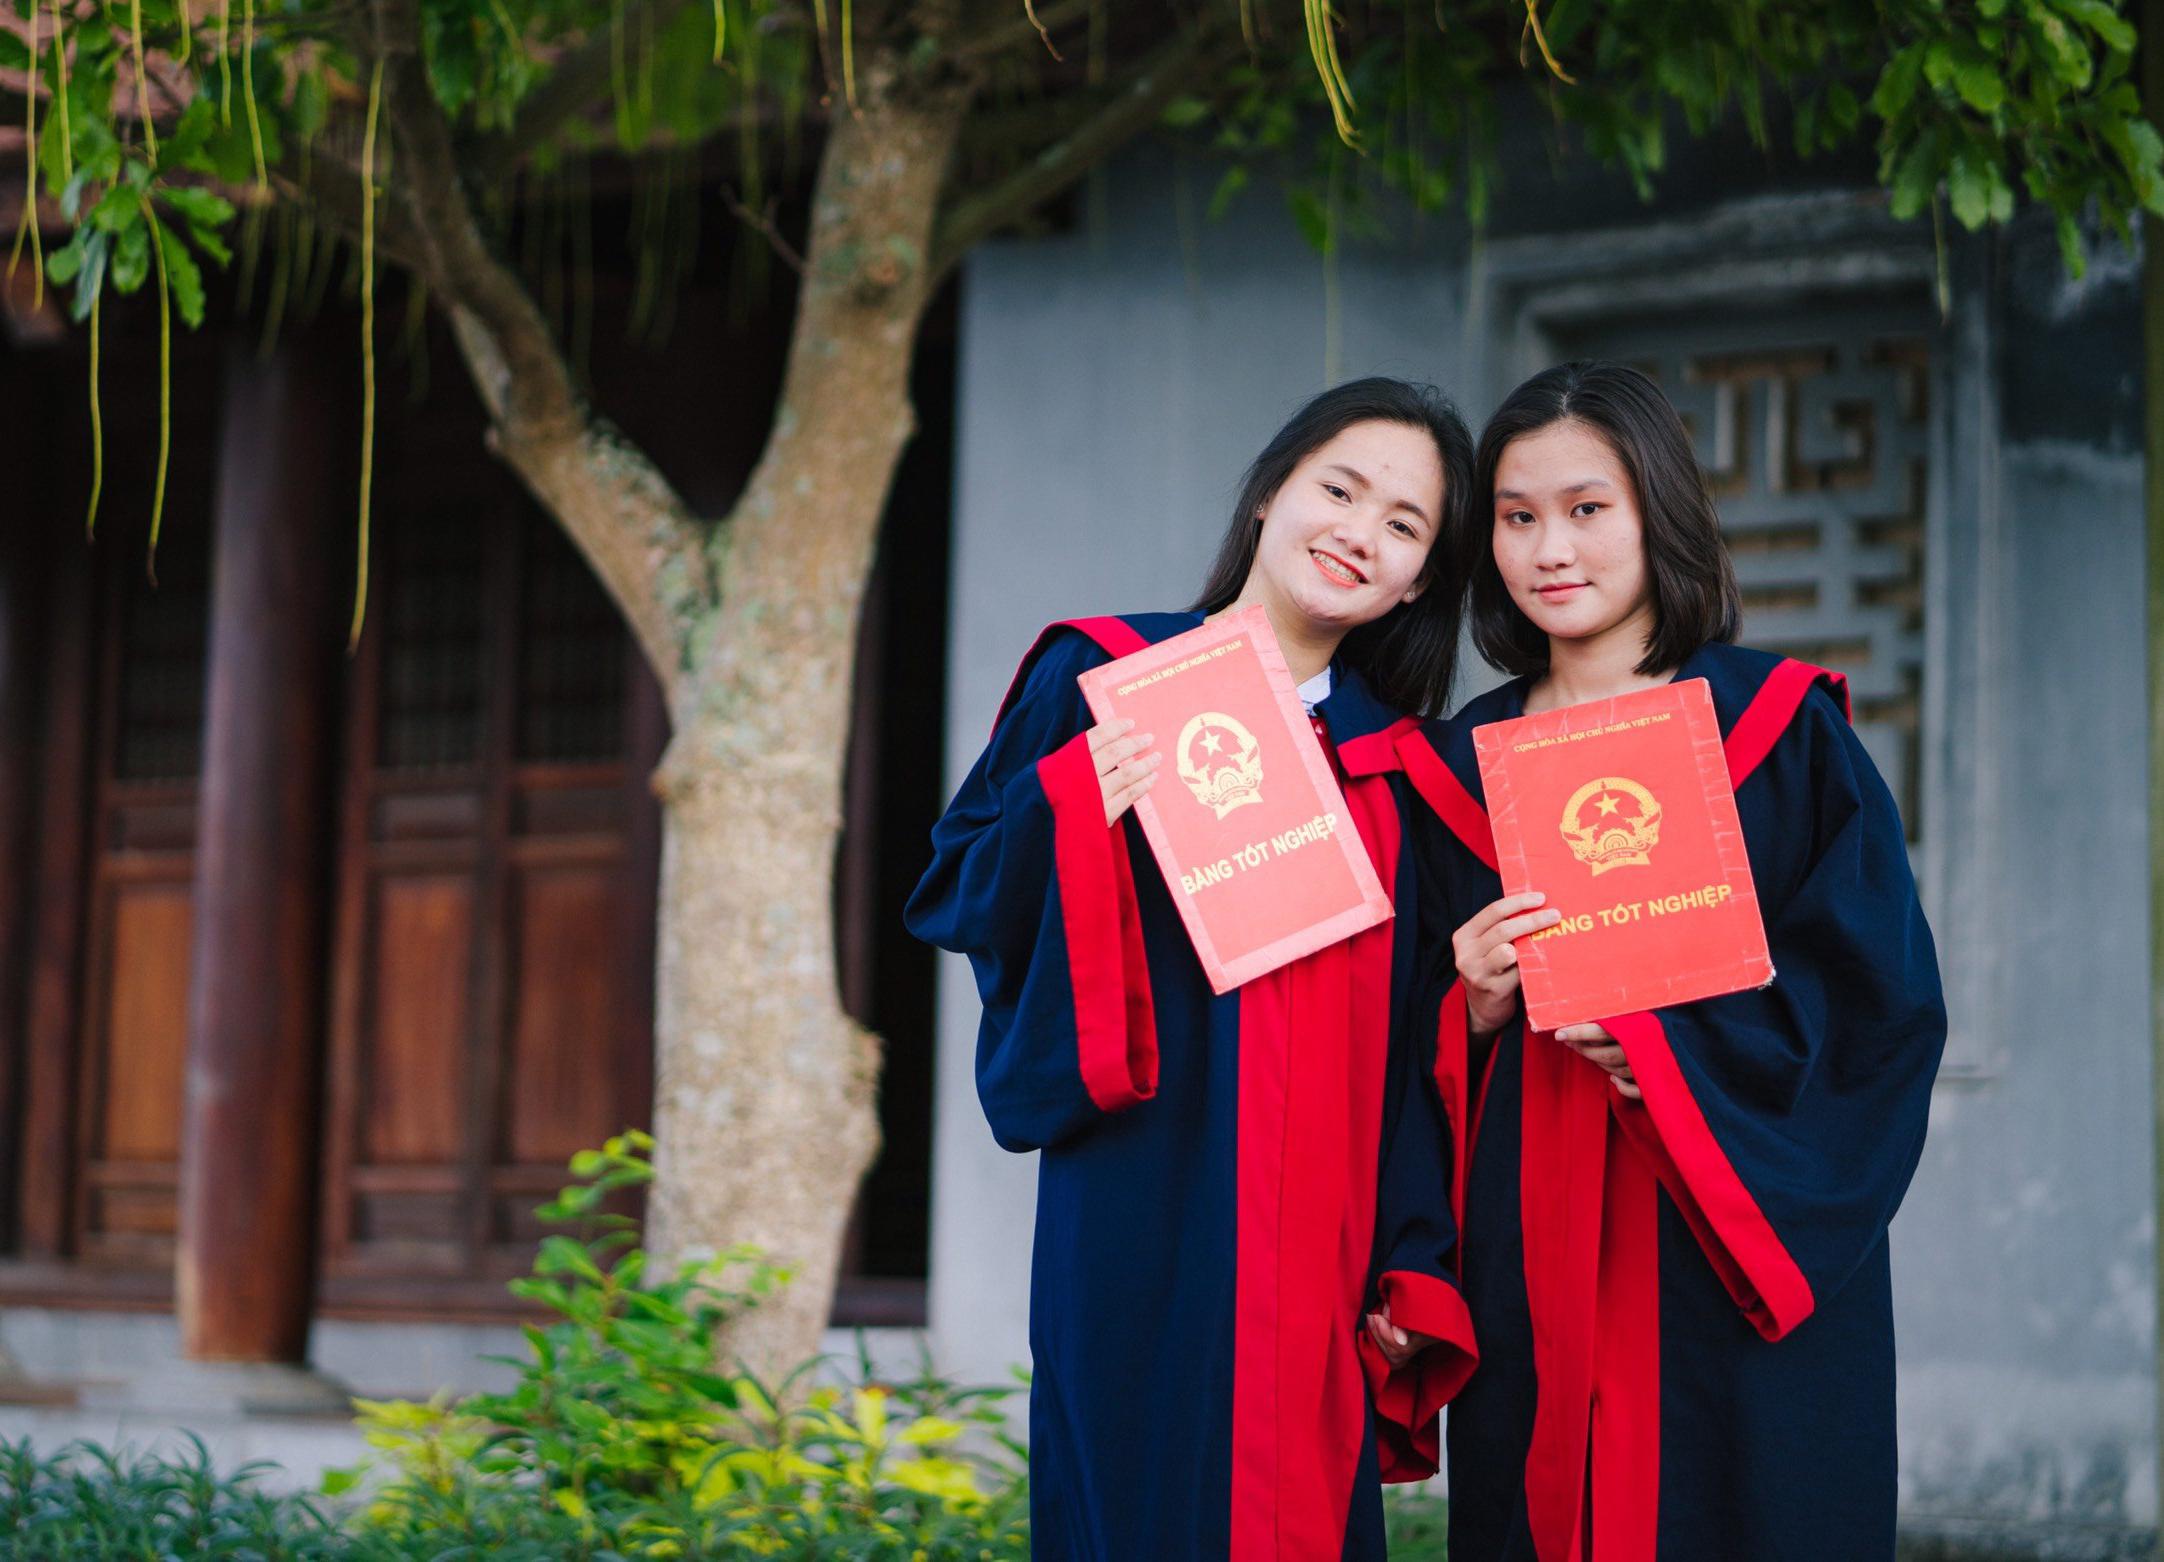 Lâm Thị Thủy (bên trái) cùng với người bạn của mình